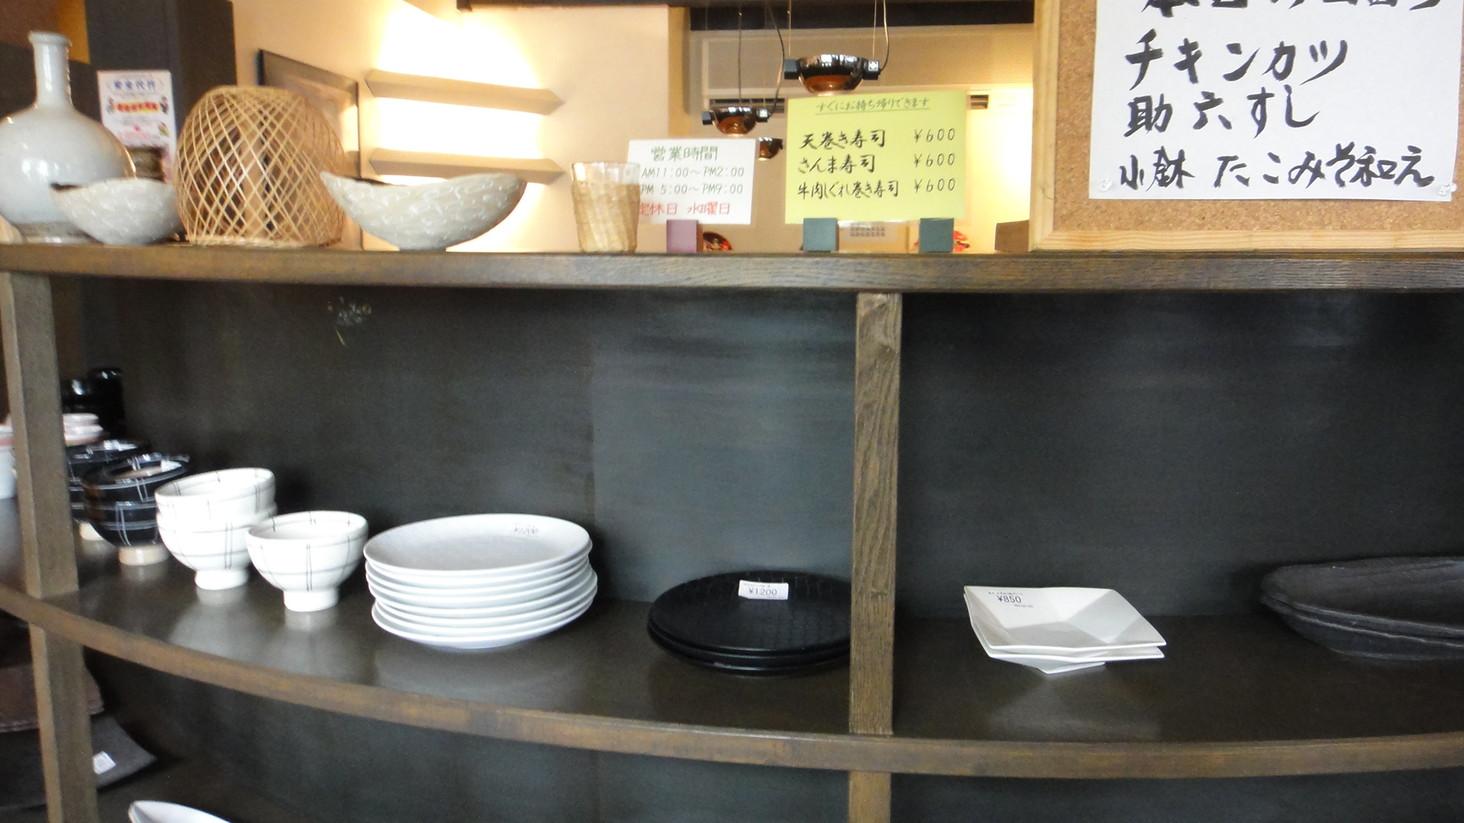 三瀬谷 大黒屋 松阪店